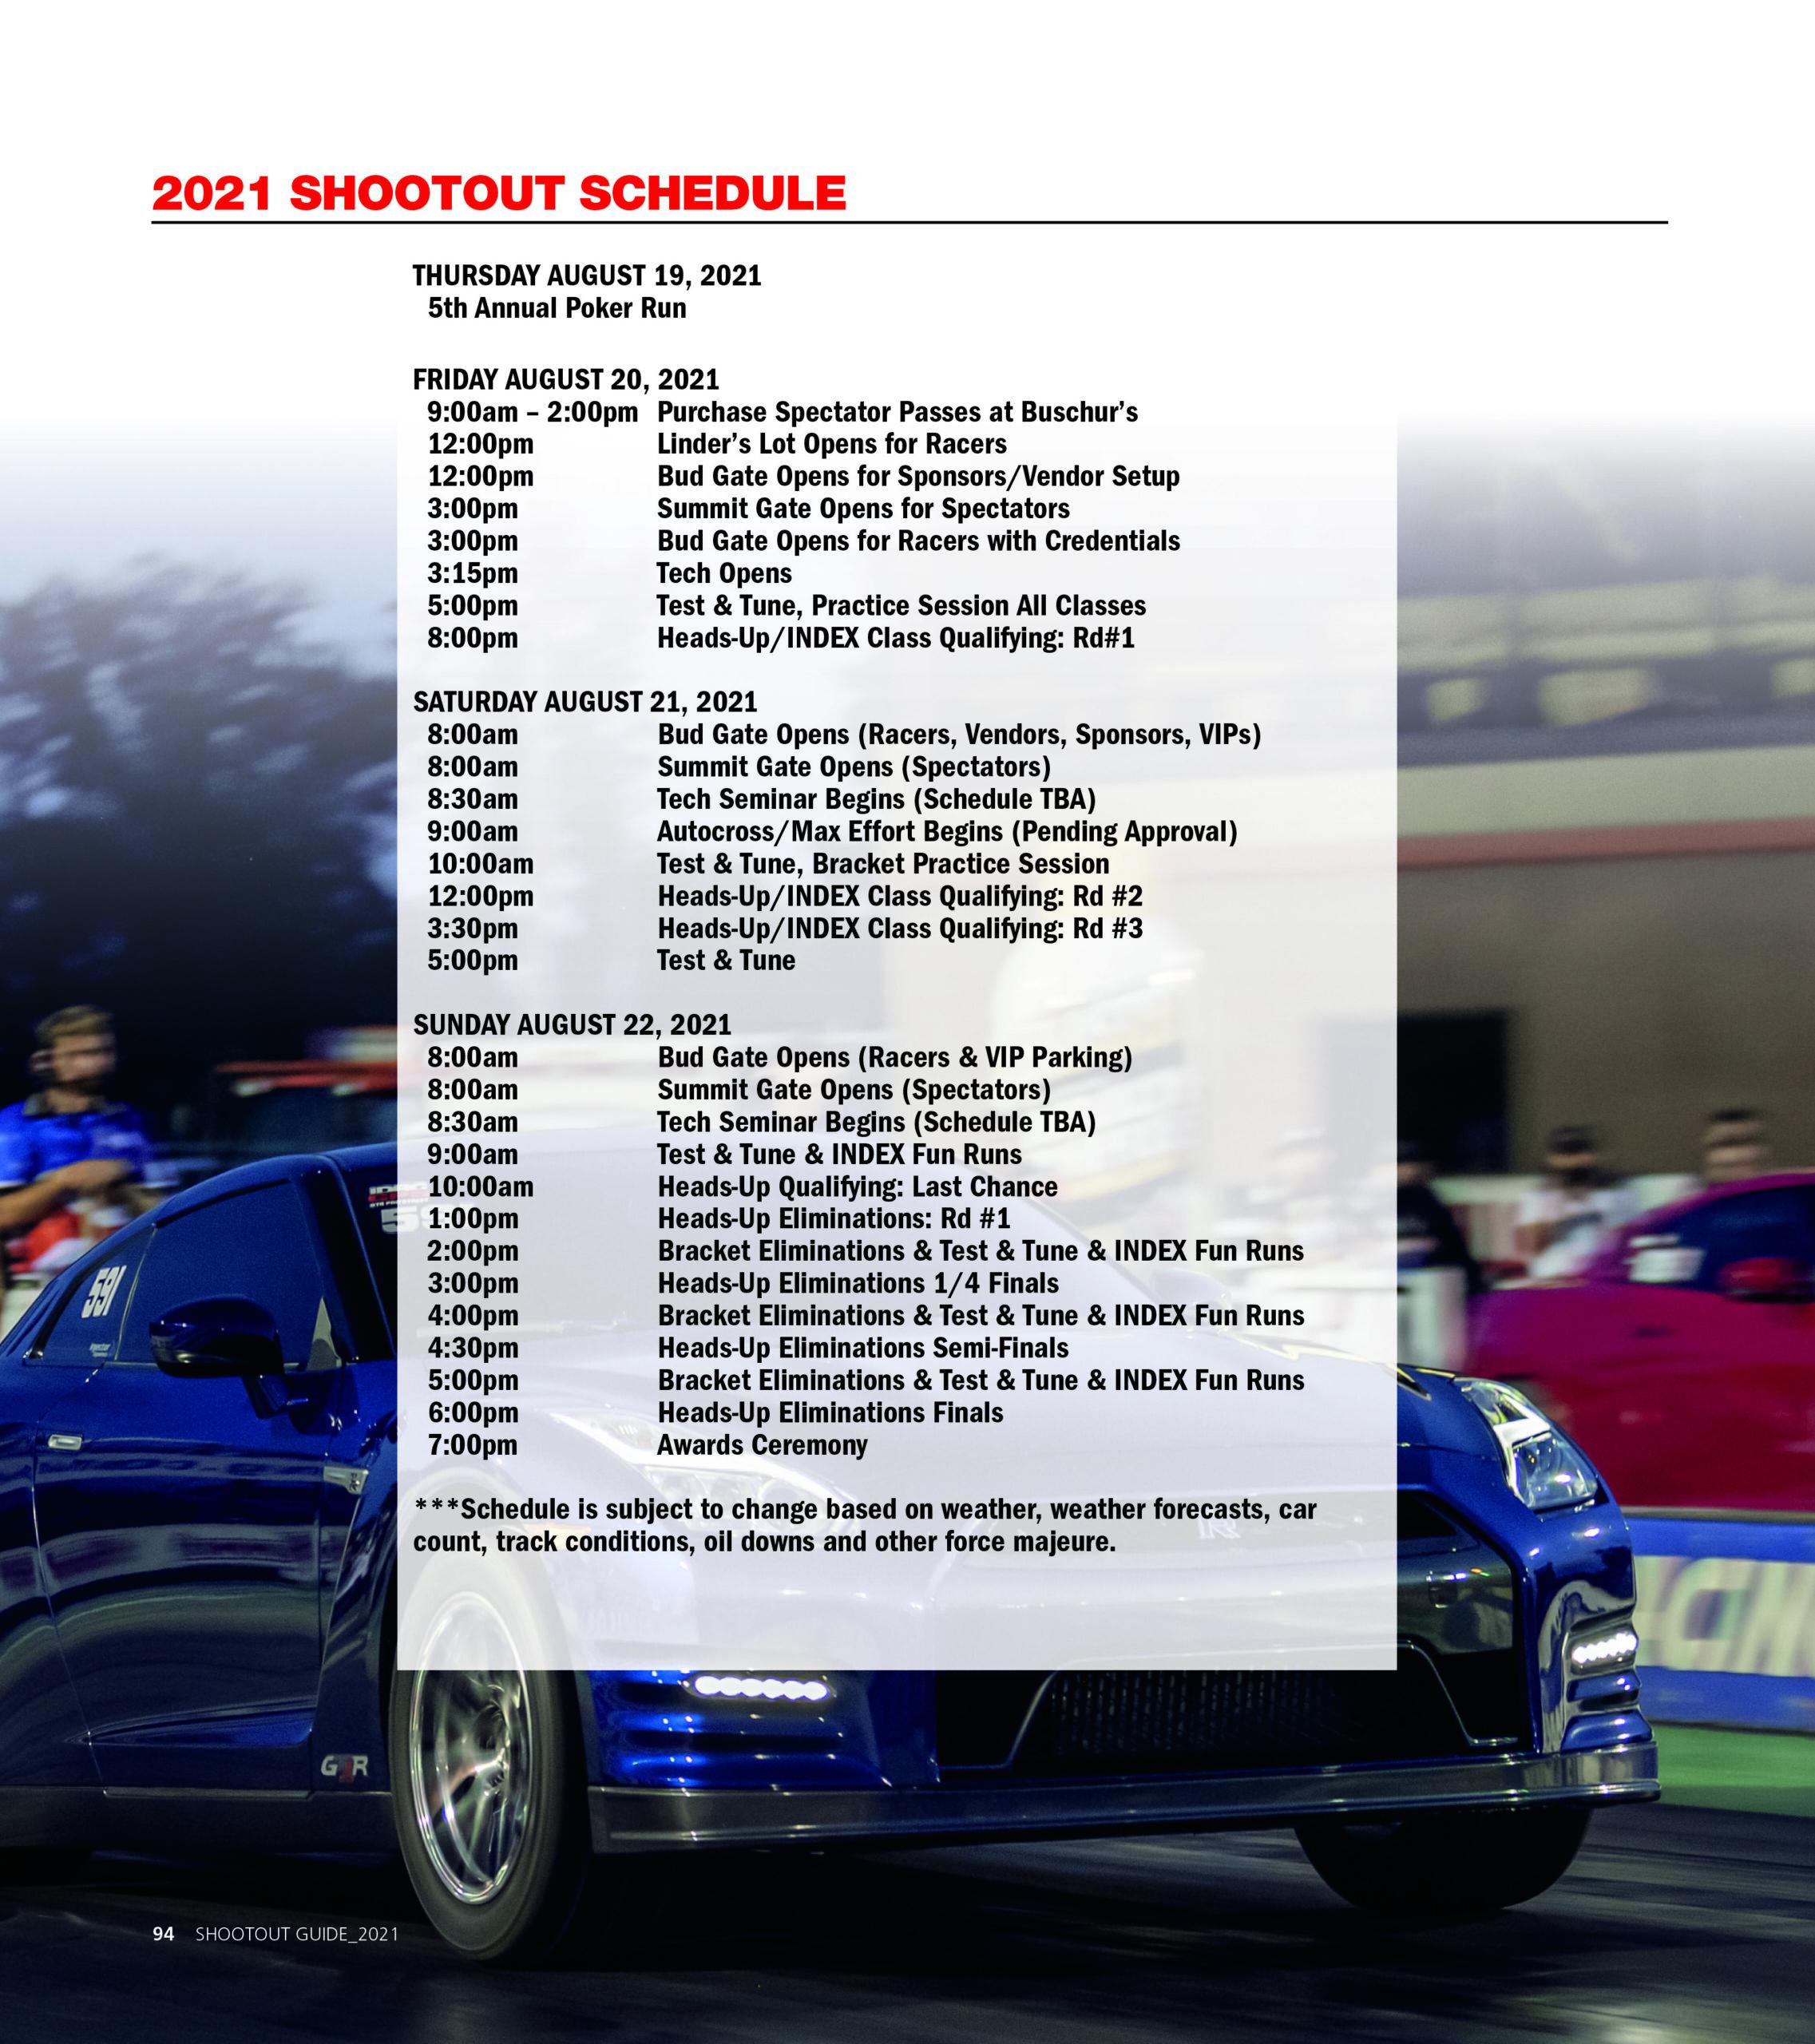 2021 shootout schedule